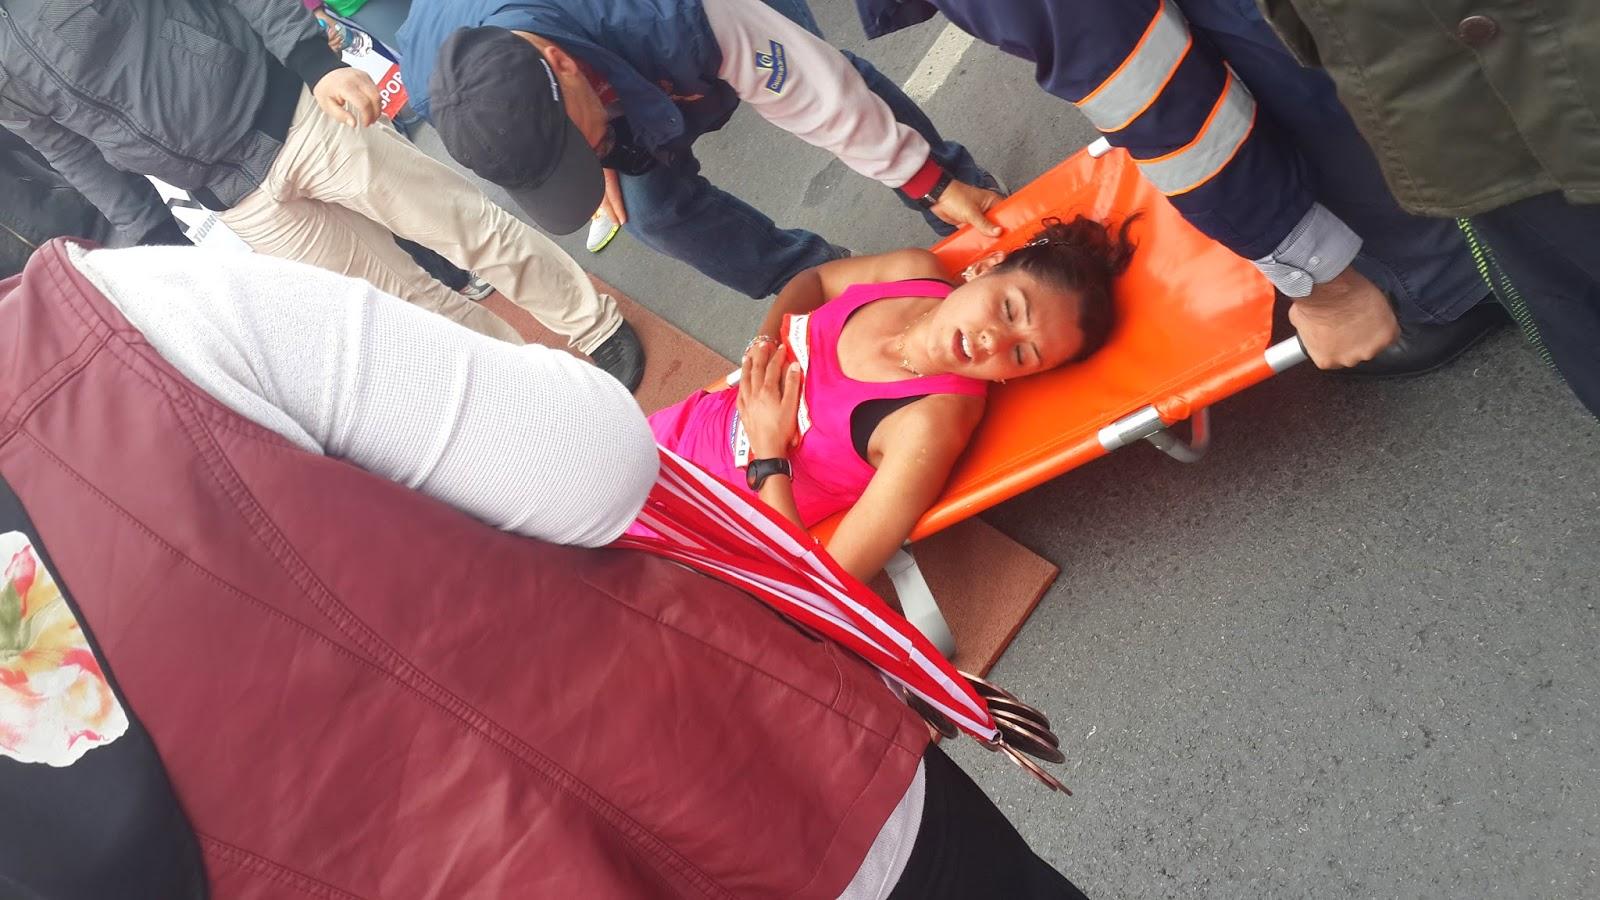 Vodafone Yarı İstanbul Maratonu 2014 Nisan rahatsızlanan kadın yarışmacı